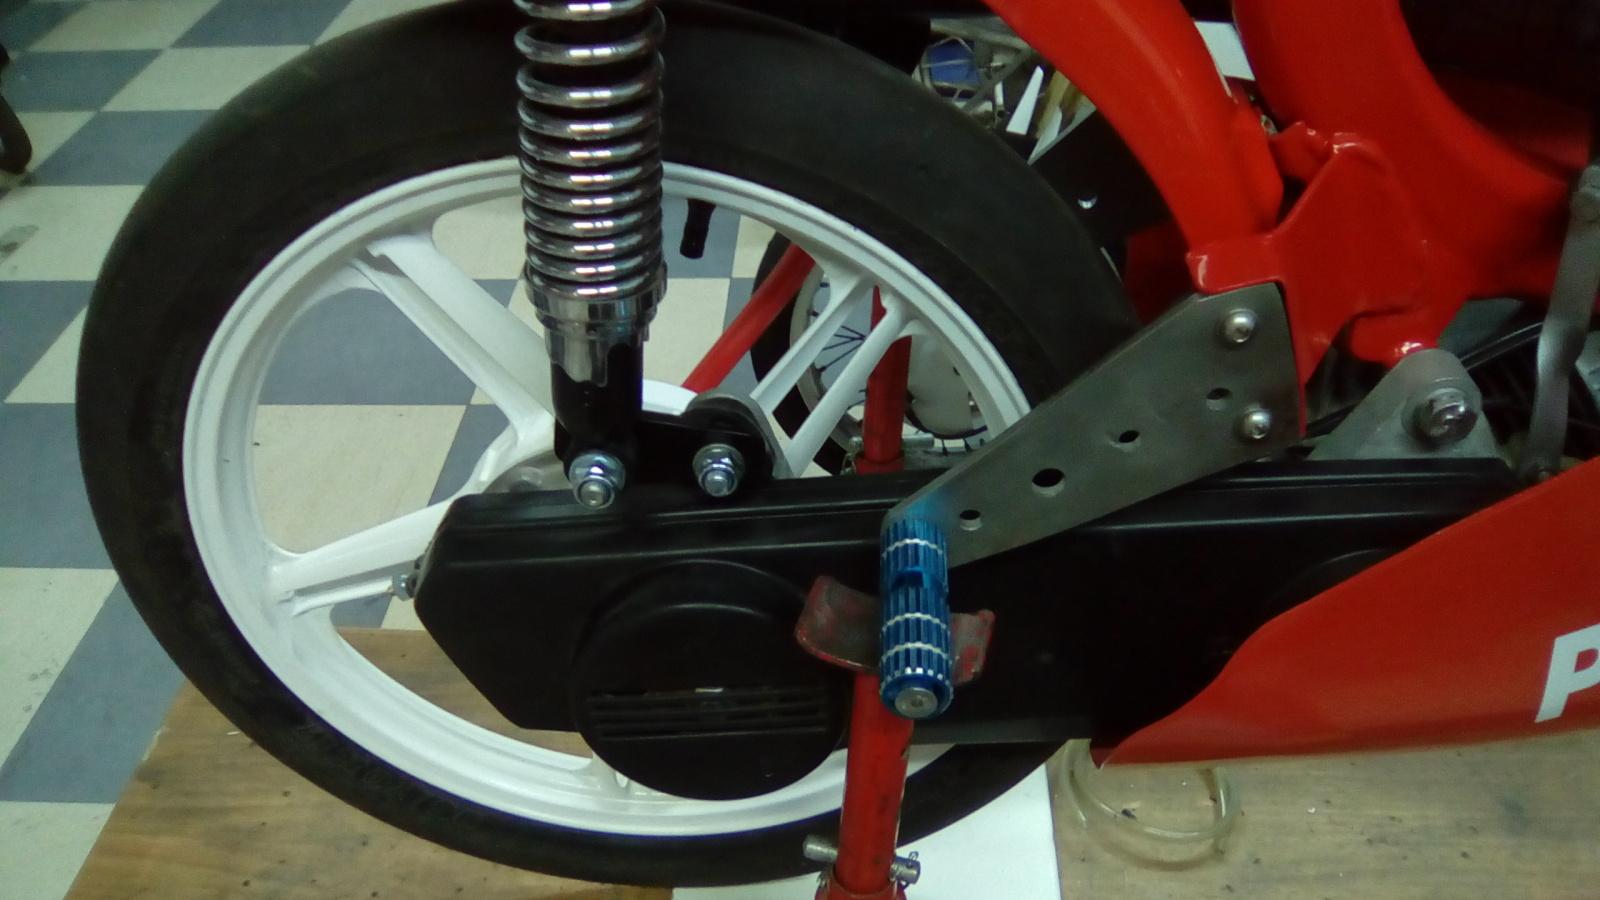 VESPINO - Proyecto Vespino de 65 cc. de Velocidad. - Página 2 28hq649